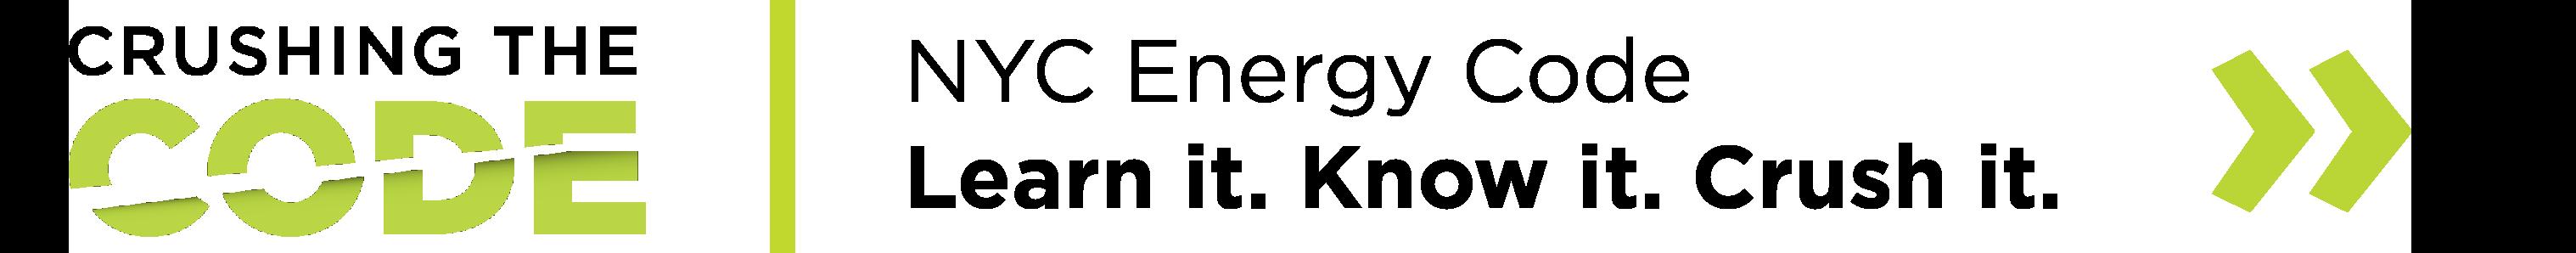 7e99afd7-0e68-4f24-8284-38dc6a7d5d06.png